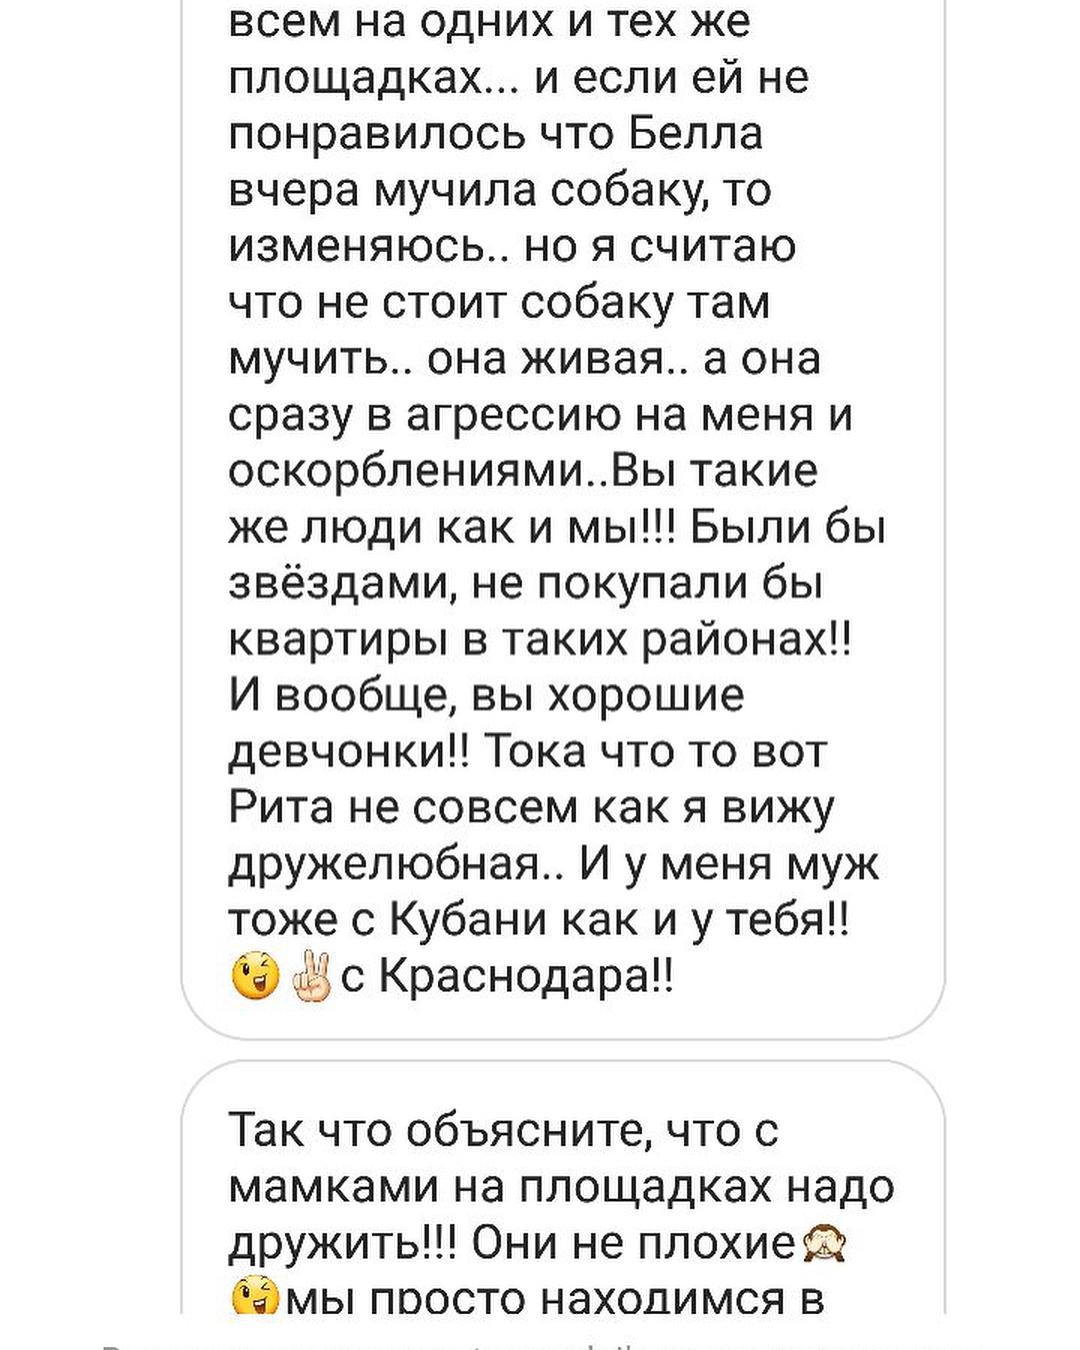 https://dom2life.ru/media/content/w1600/2018-02-14_11-05-32__d470815e-115d-11e8-893f-002590aa0fe7.jpg